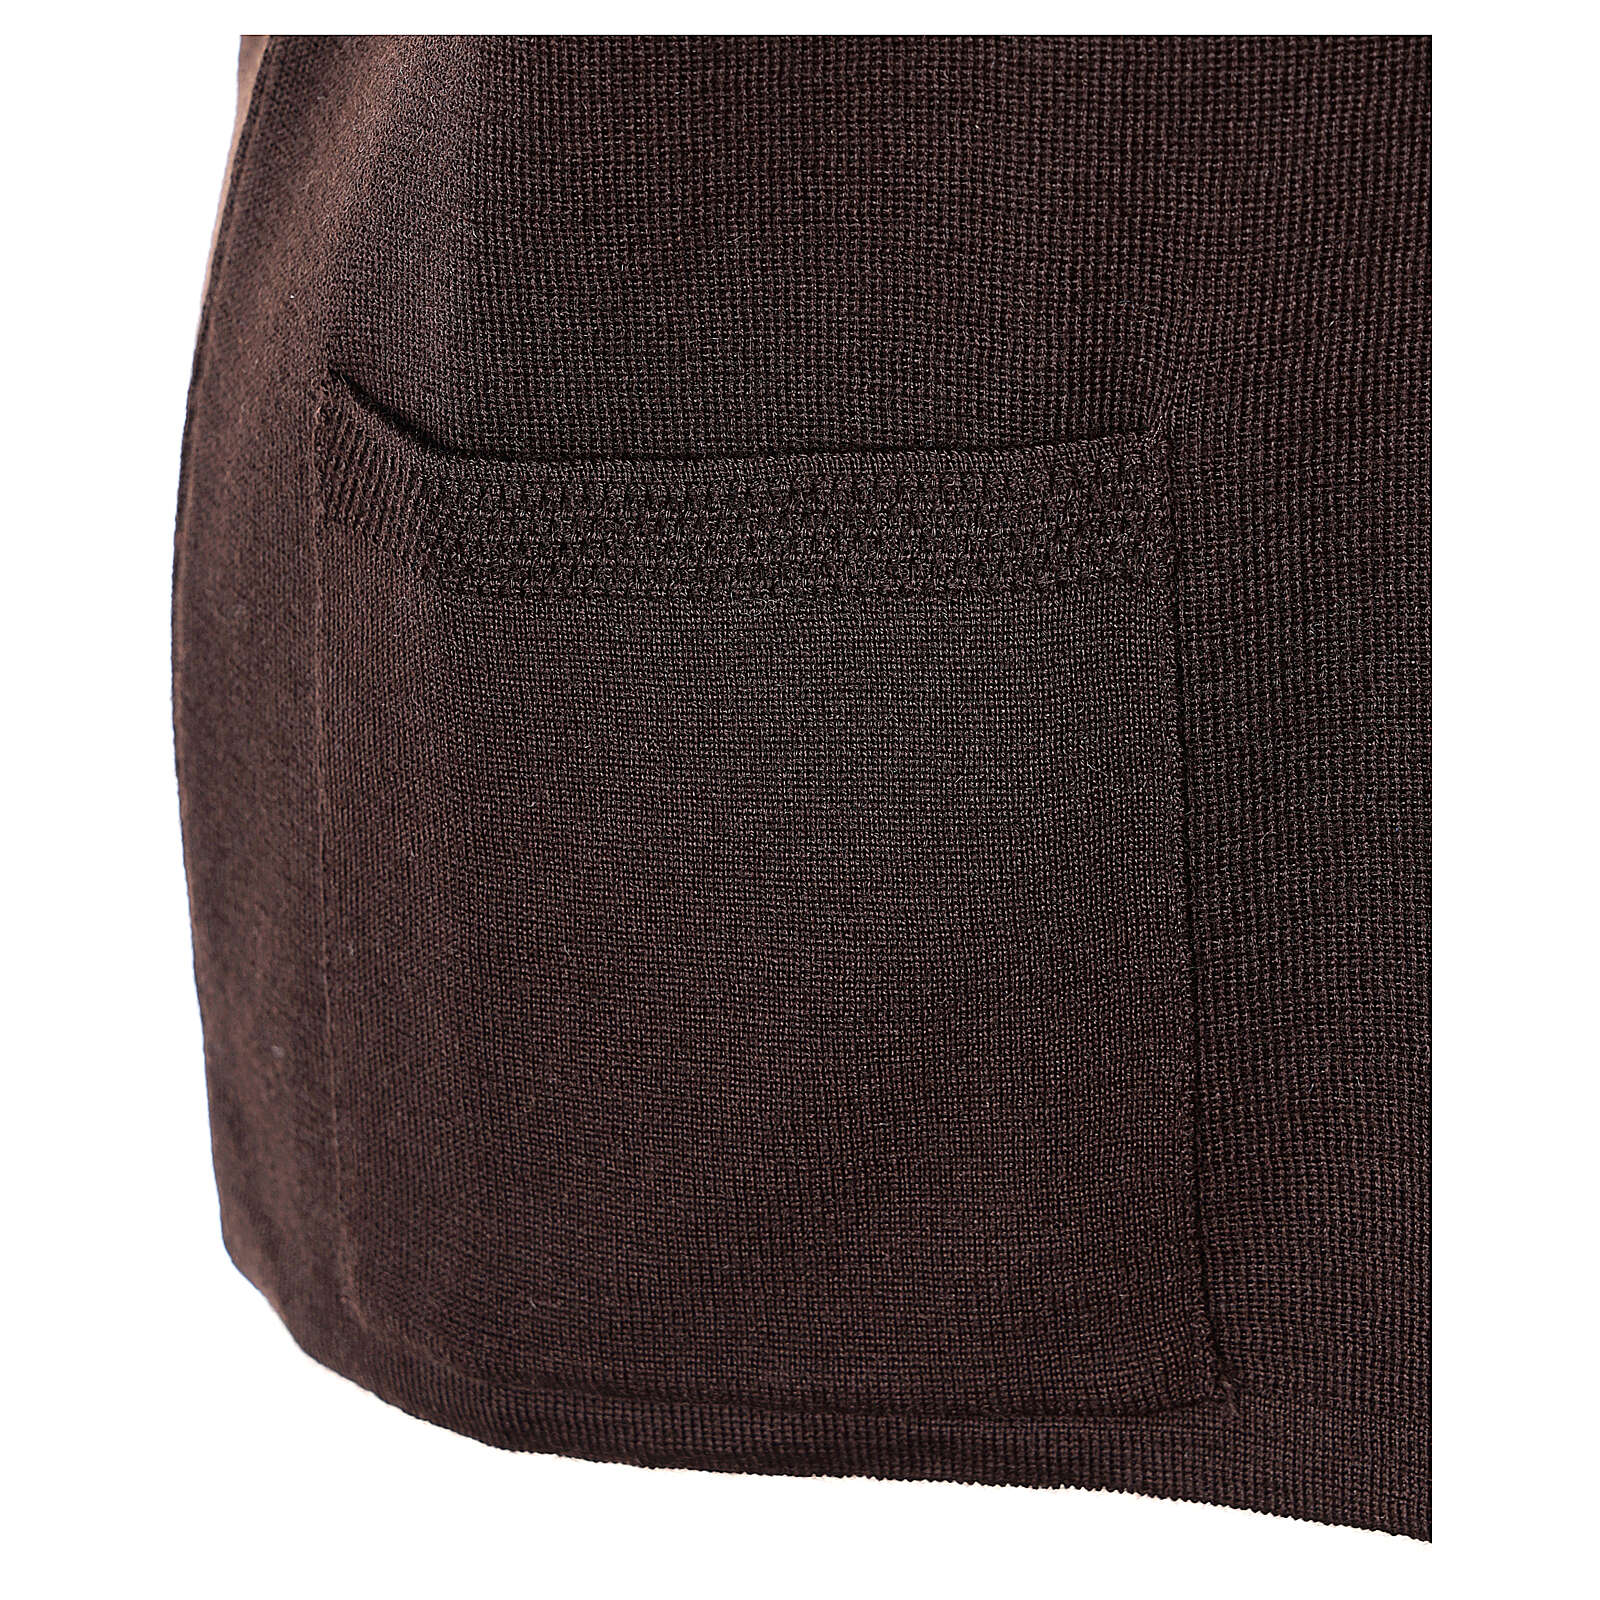 Damen-Weste, braun, mit Taschen und V-Ausschnitt, 50% Acryl - 50% Merinowolle, In Primis 4